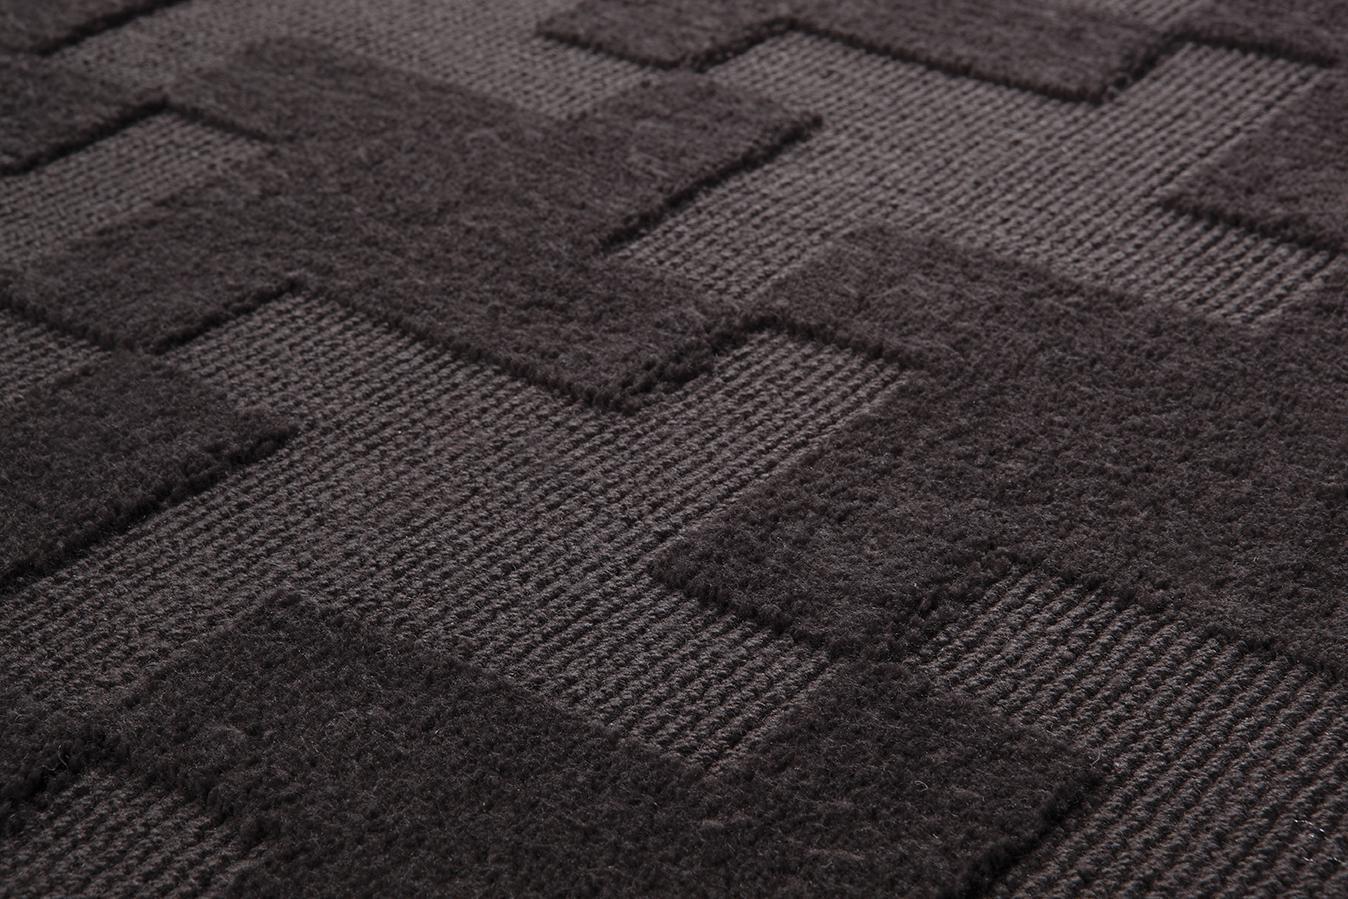 Esprit Teppich Craft grau  Esprit World Culture im